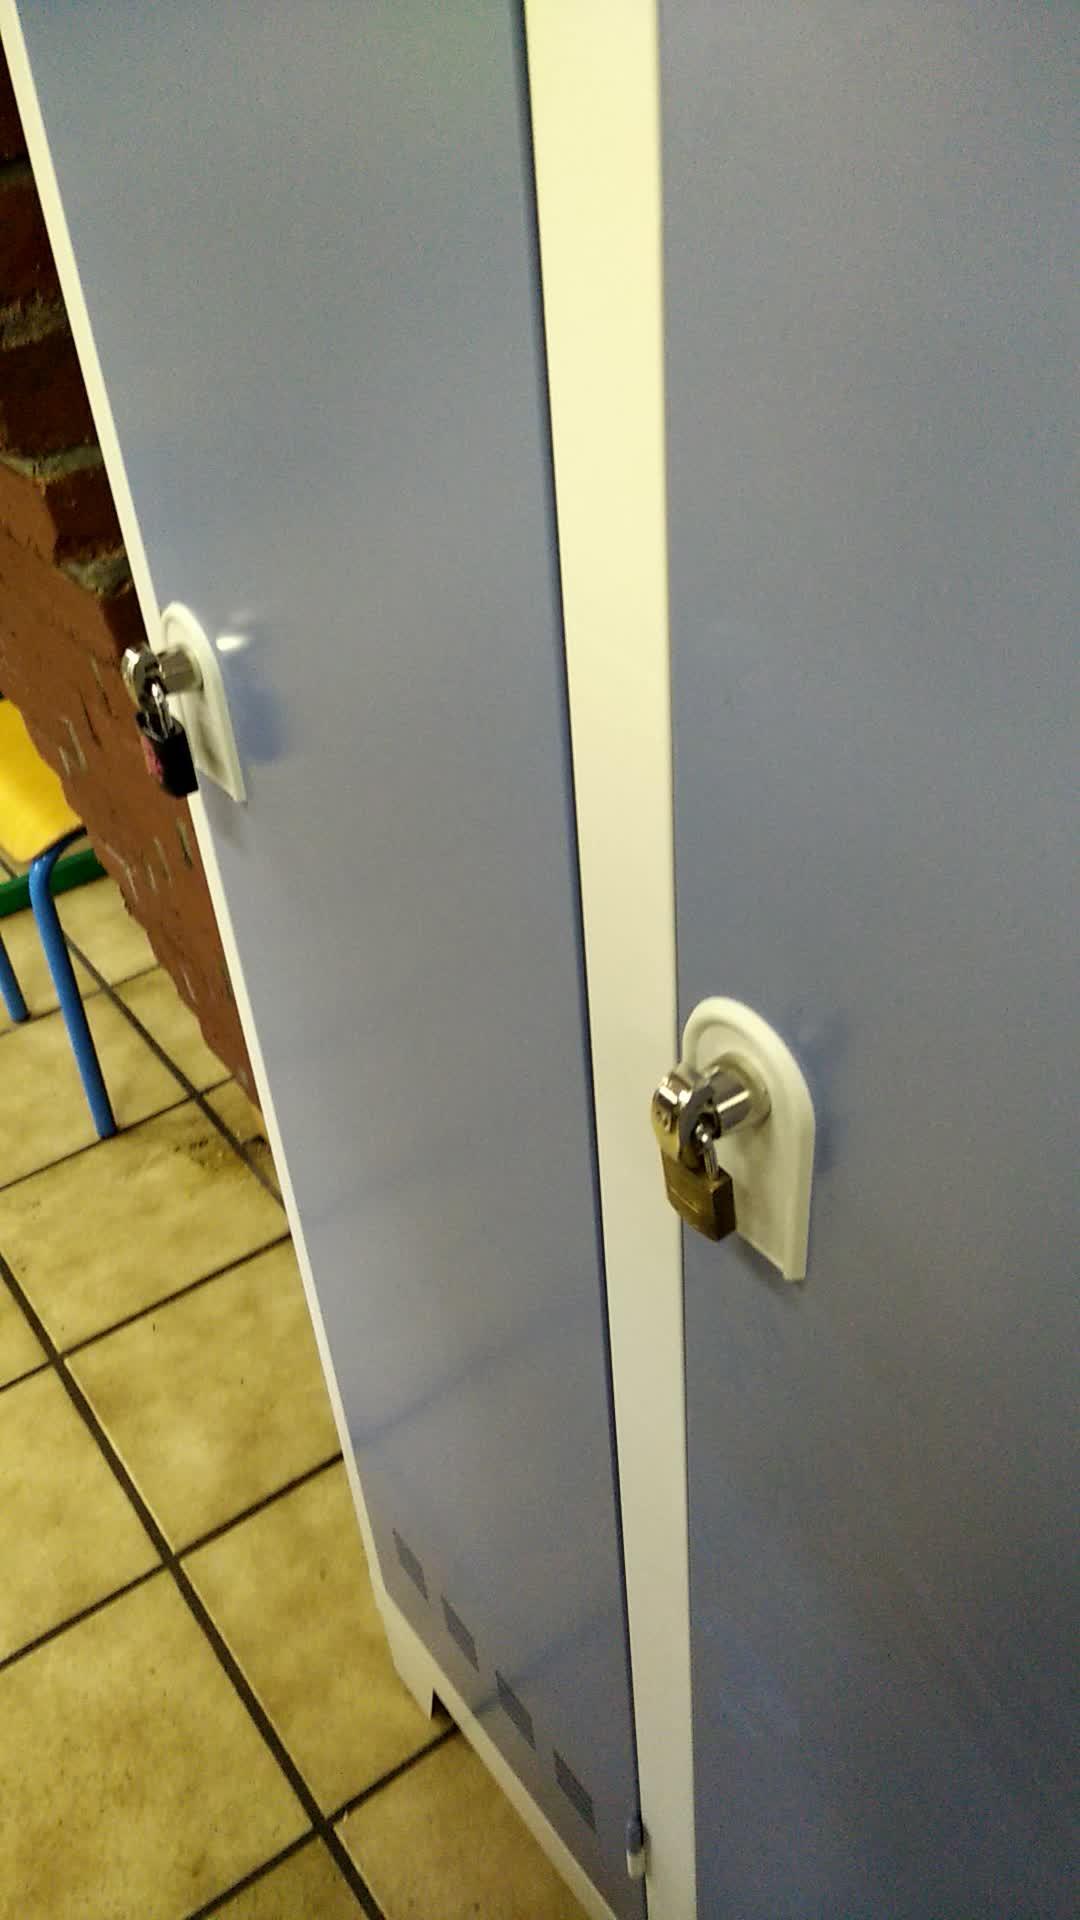 locker, lockpicking, How to open a locker in 5 seconds GIFs